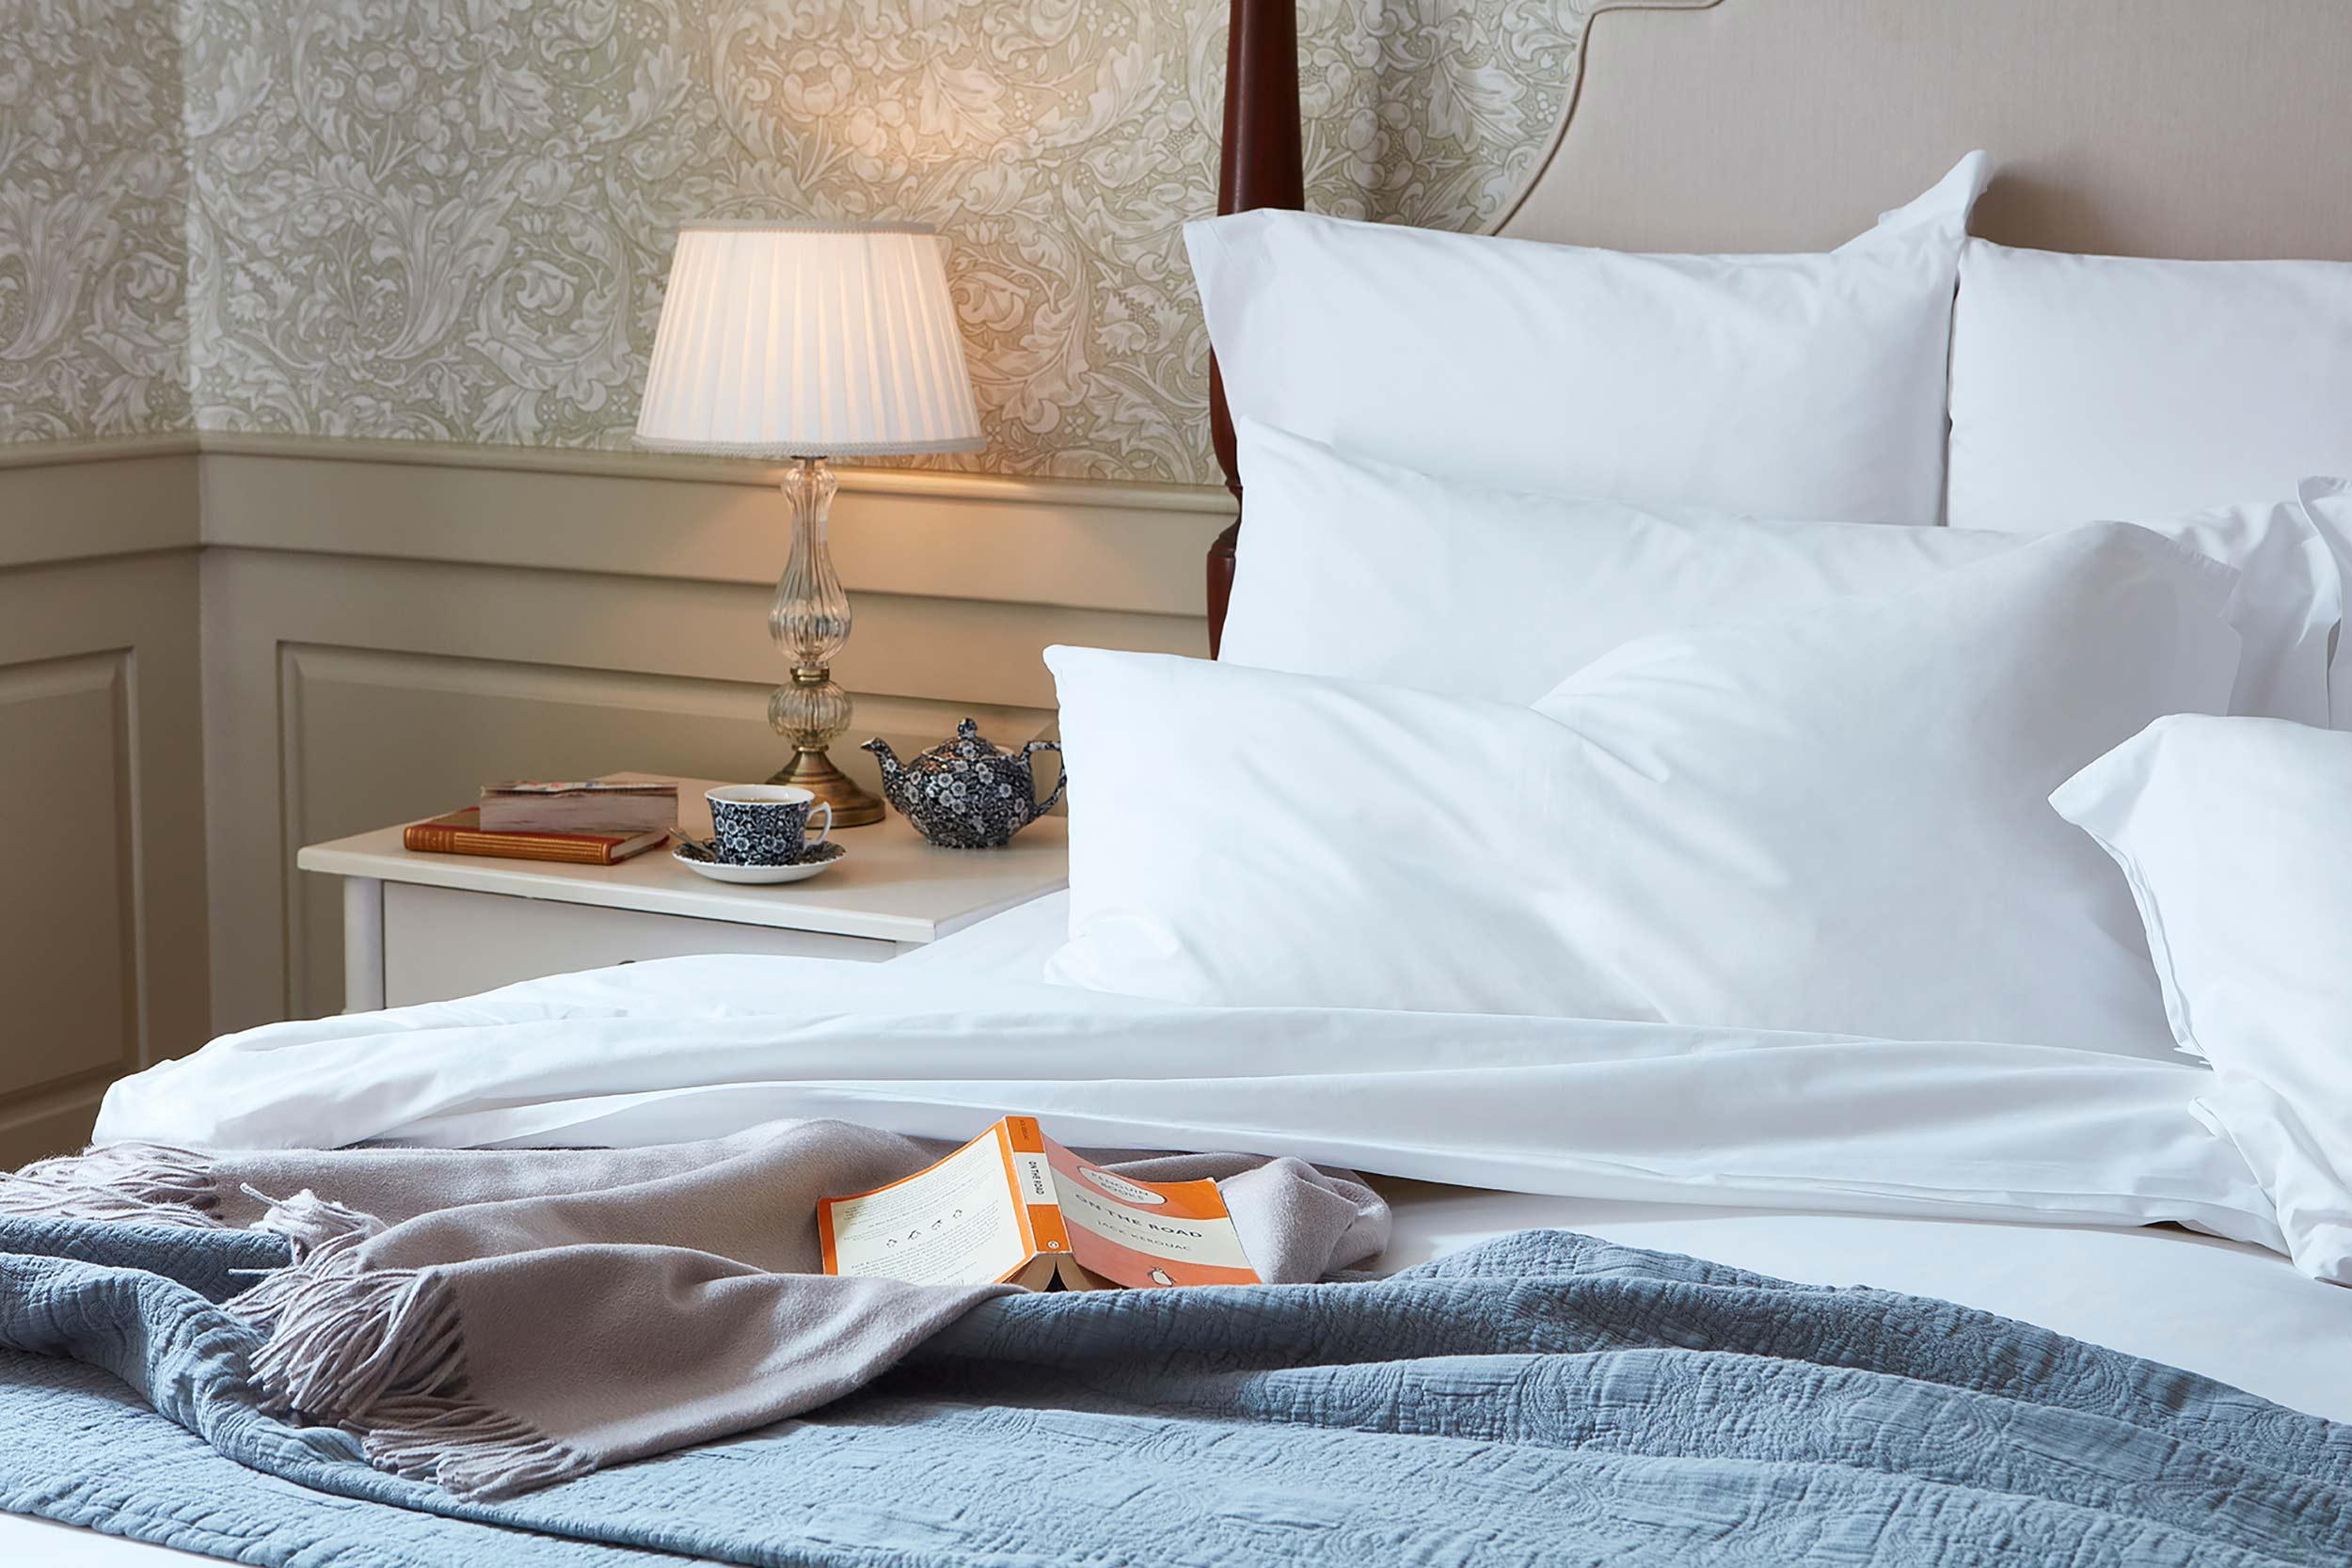 Deanstreet---Lifestyle-bedroom-11-021.jpg